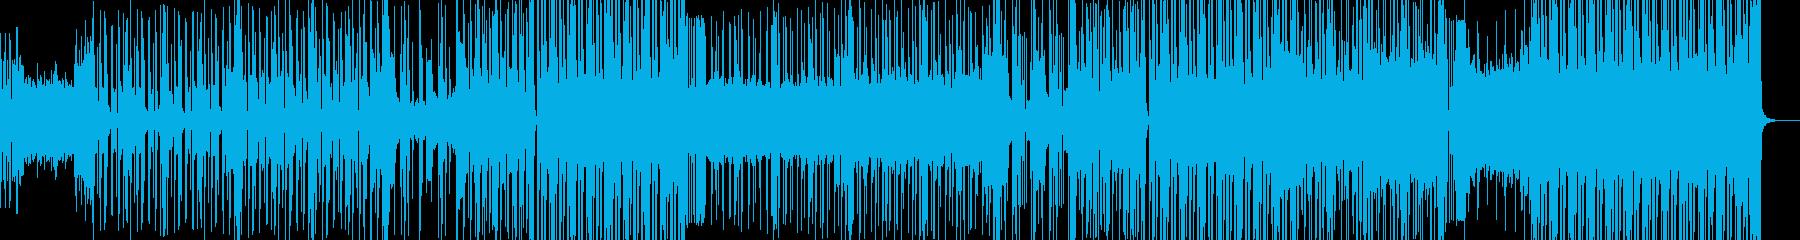 渋い雰囲気を放つヒップホップの再生済みの波形